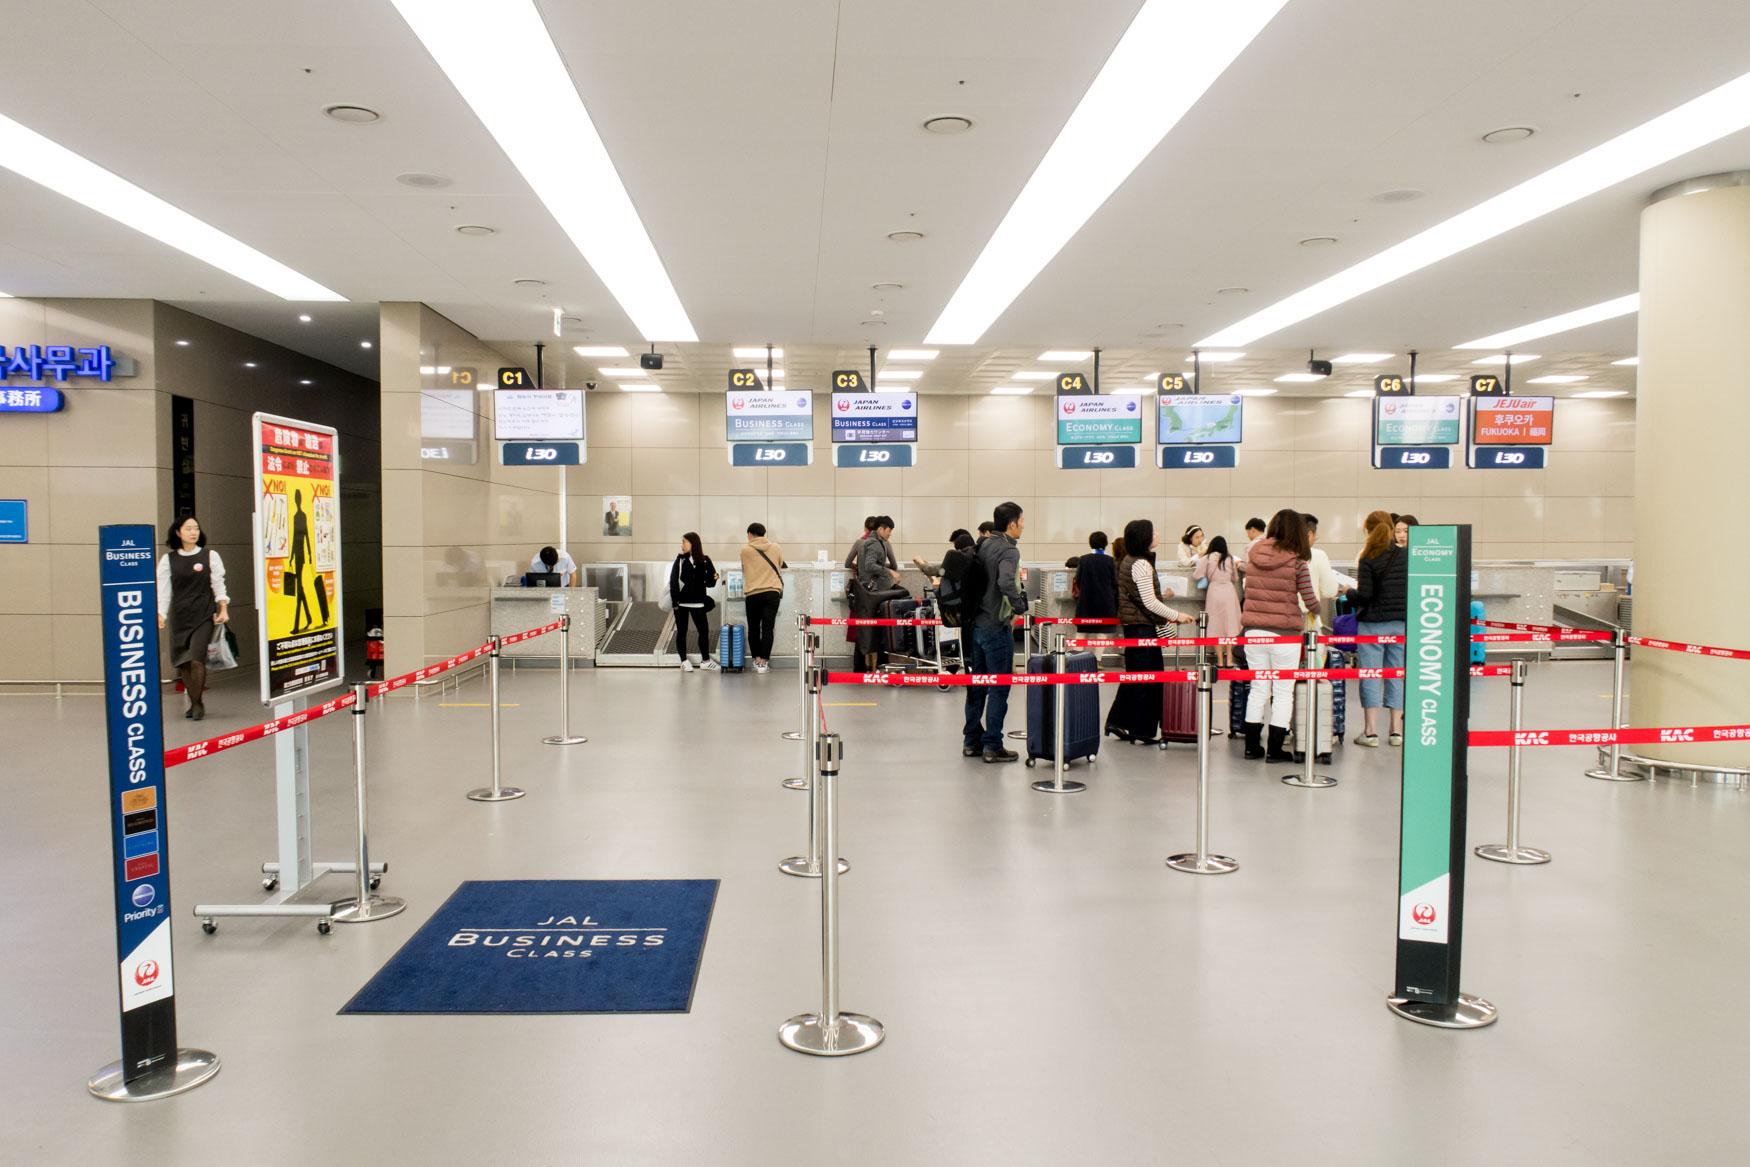 JAL Busan Business Class Queue